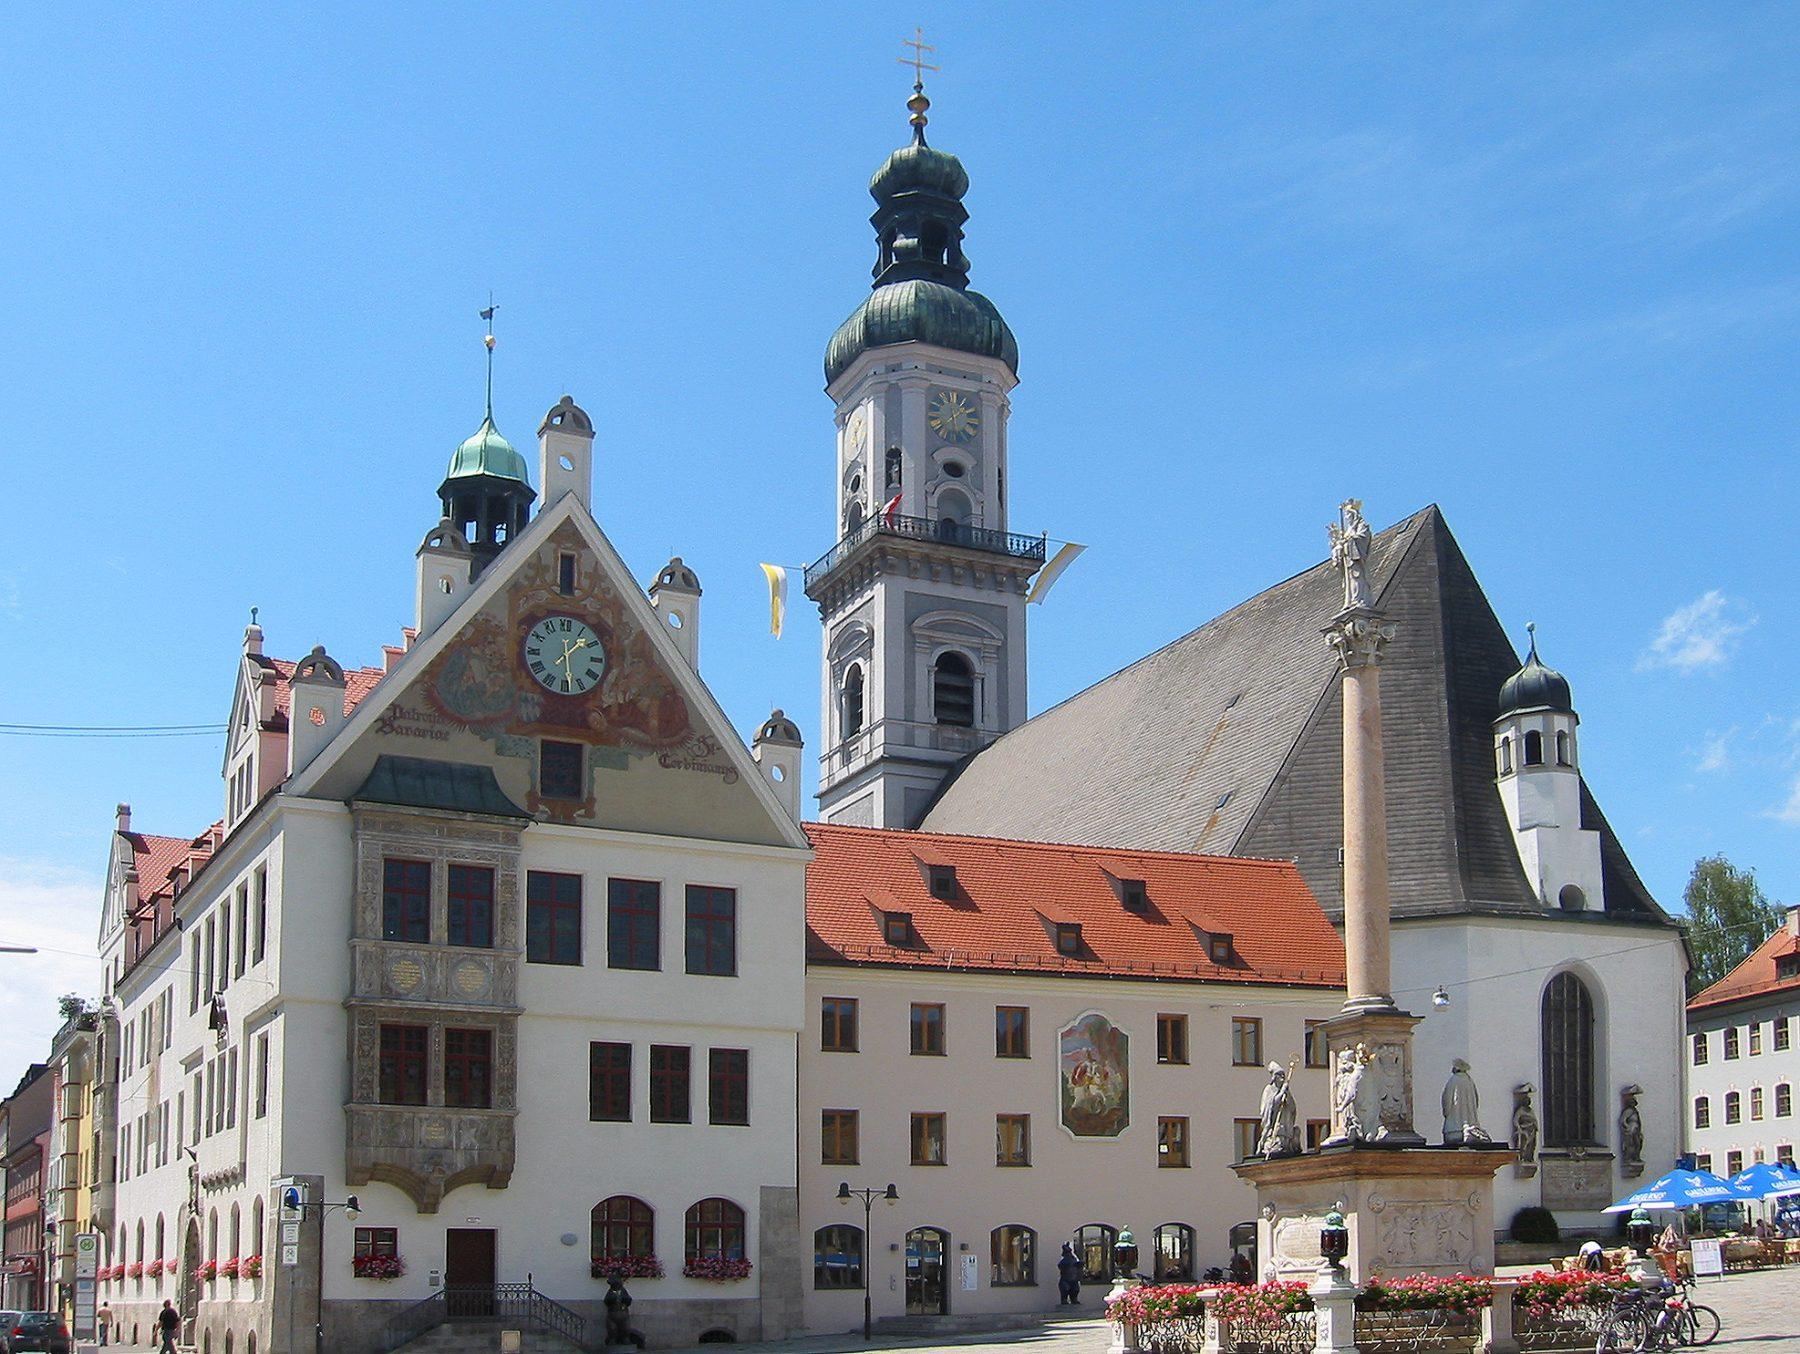 freising-marienplatz